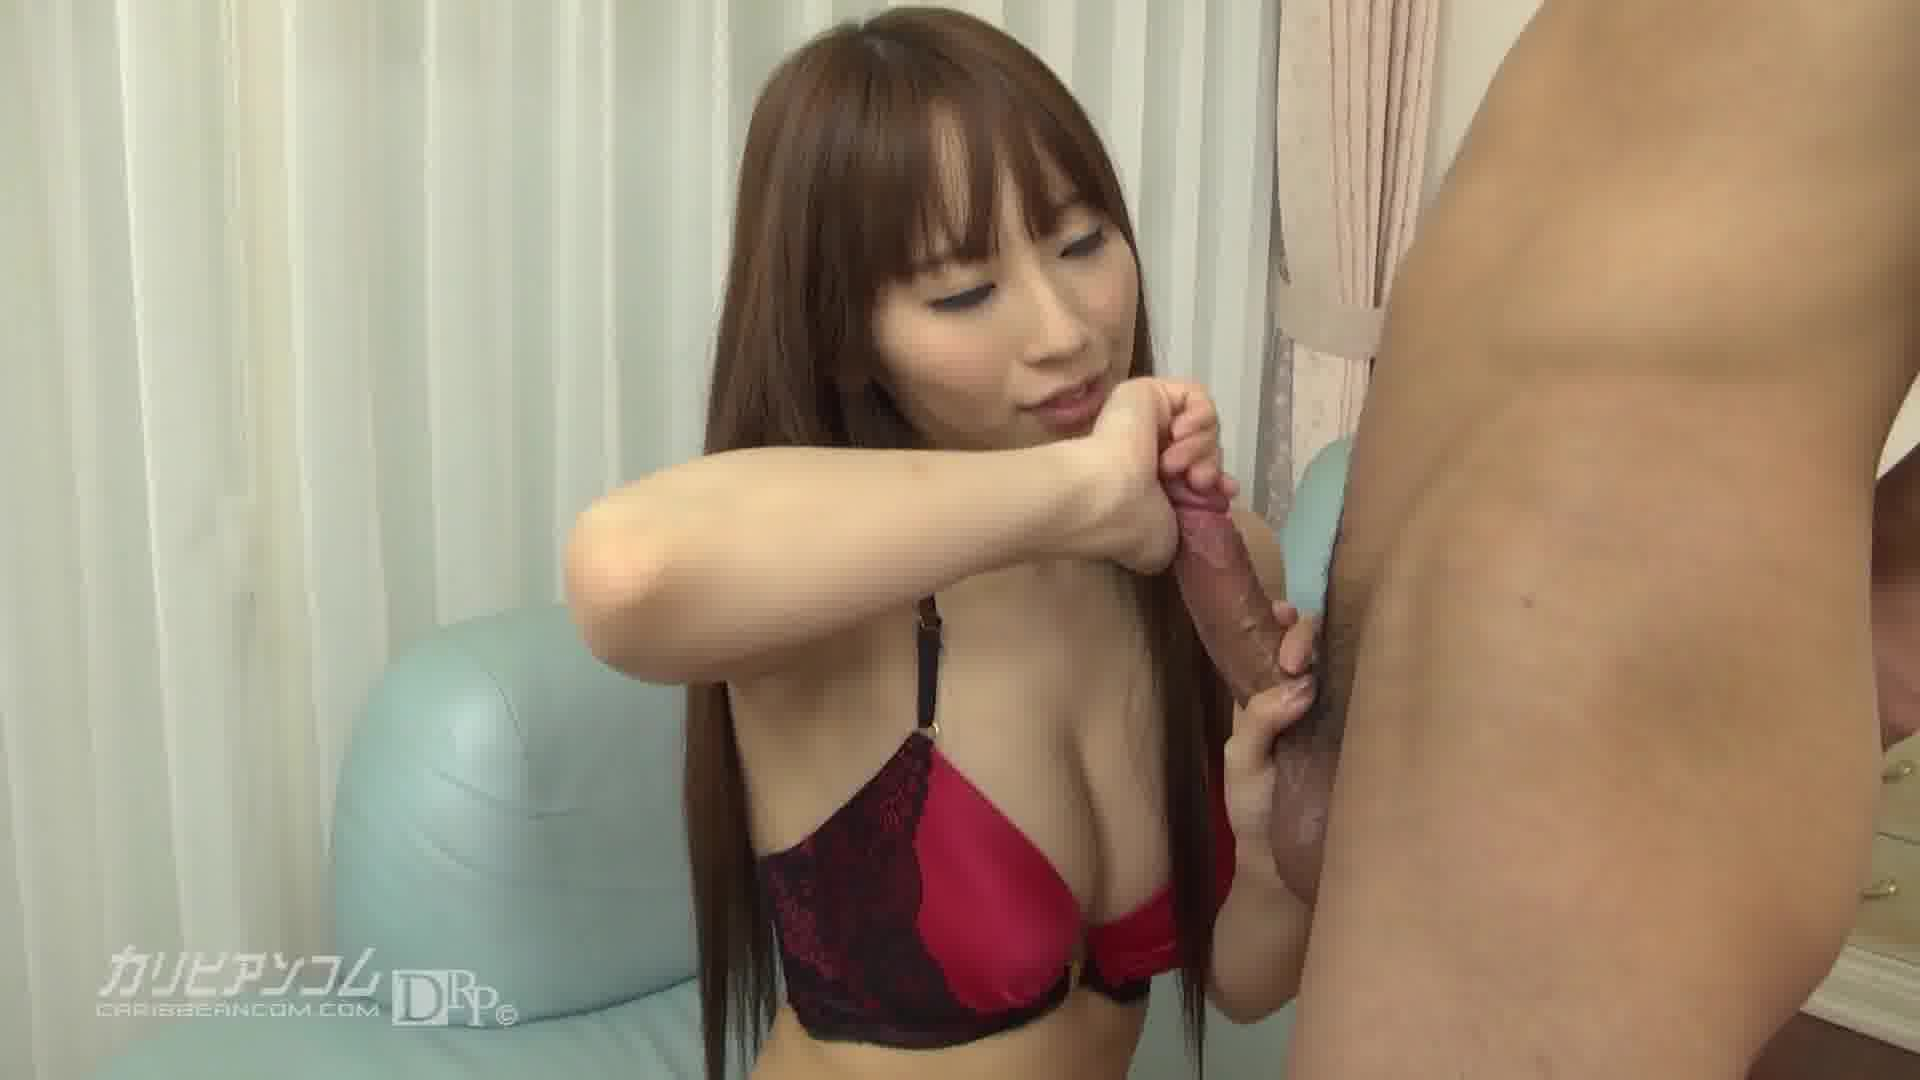 手コキパラダイス ~必殺シコシコ握り美女~ - 小泉真希【痴女・巨乳・手コキ】